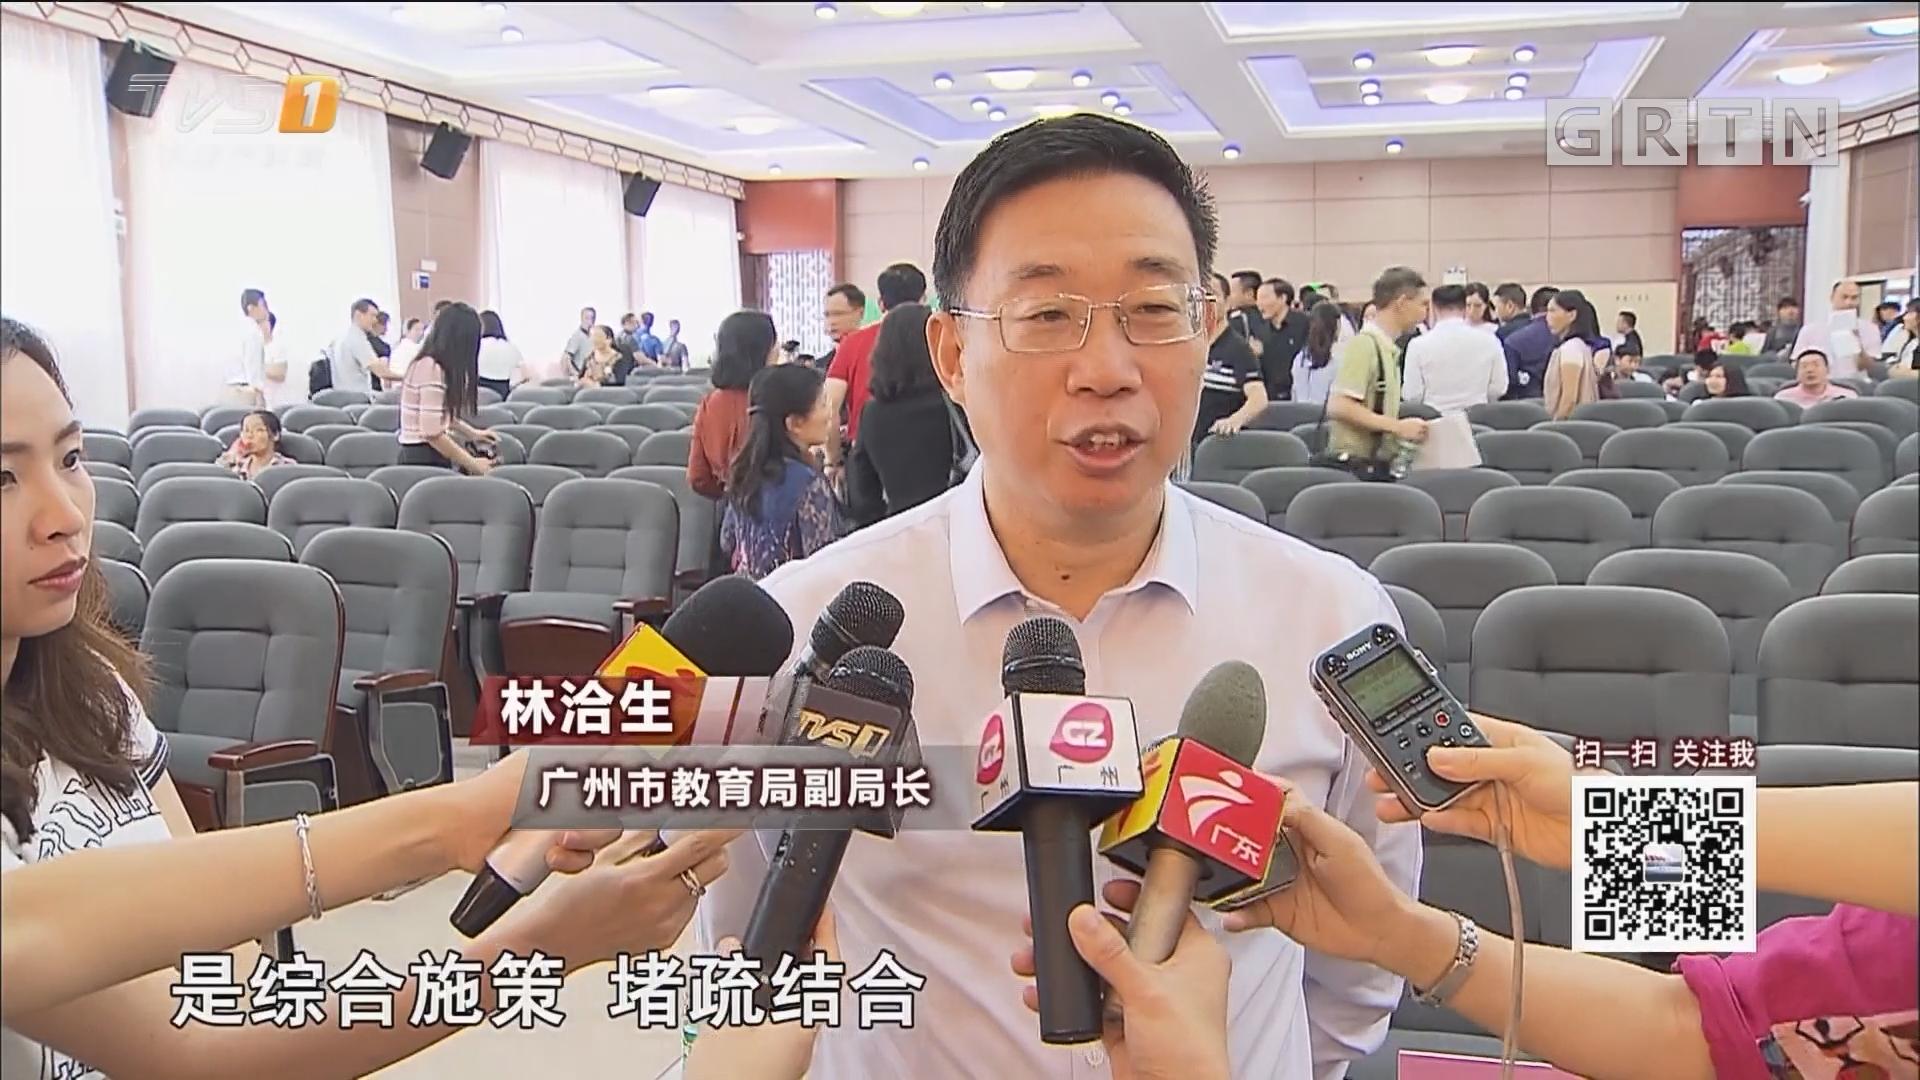 广州:治理校外补课 教育部门重拳出击